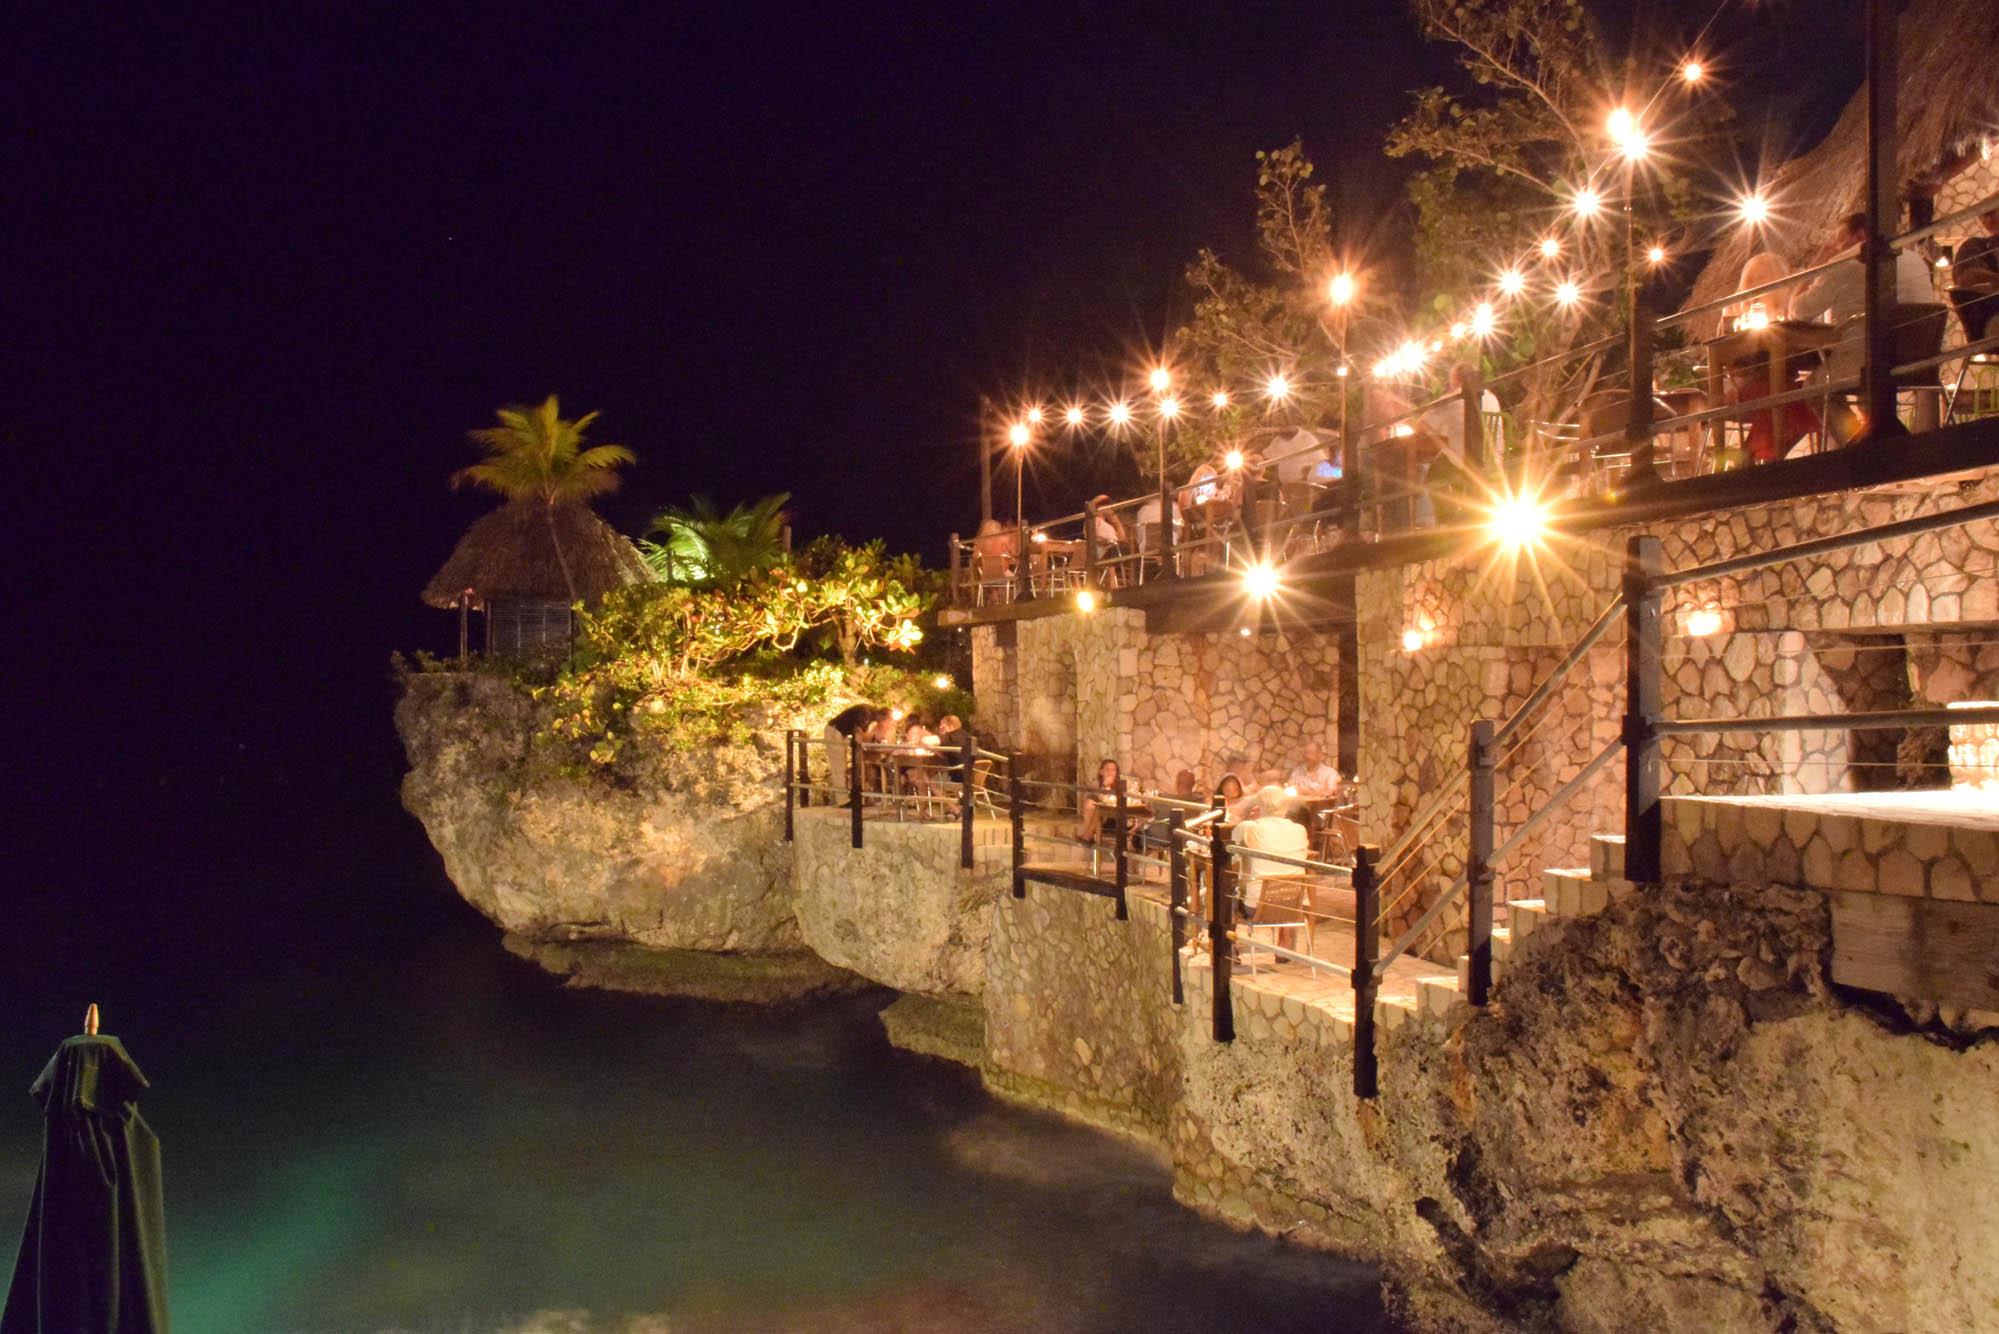 E a noite, esse lugar não fica ainda MAIS charmoso???